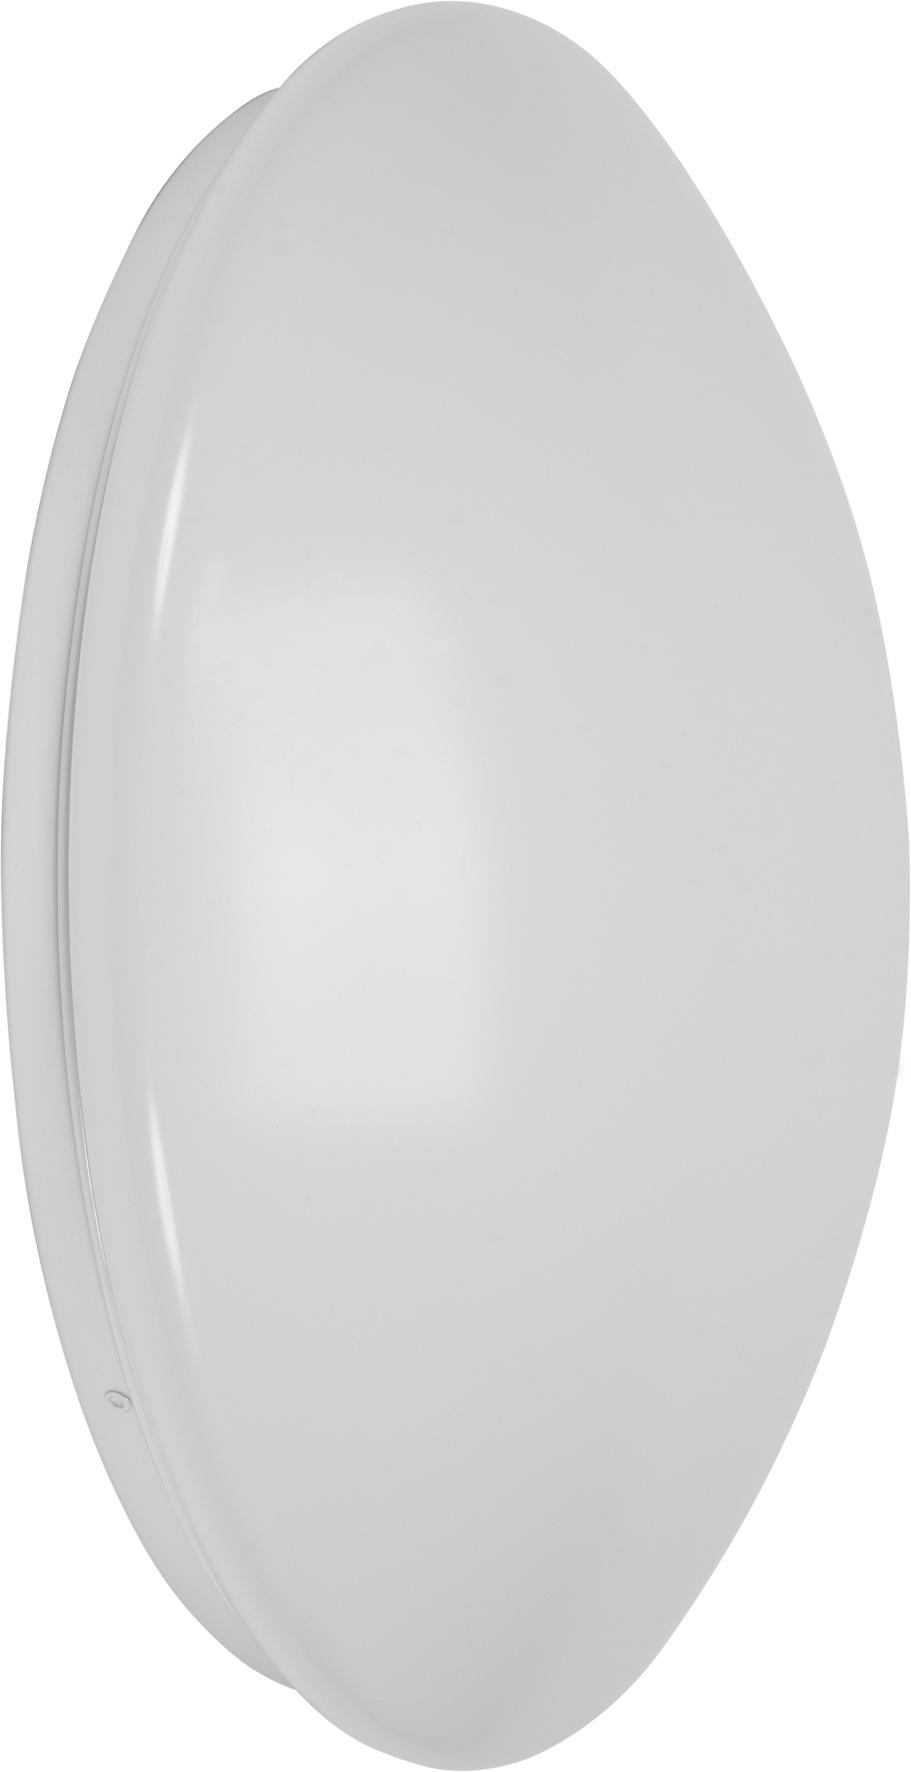 Světlo LED nástěnné 24W, 1680lm